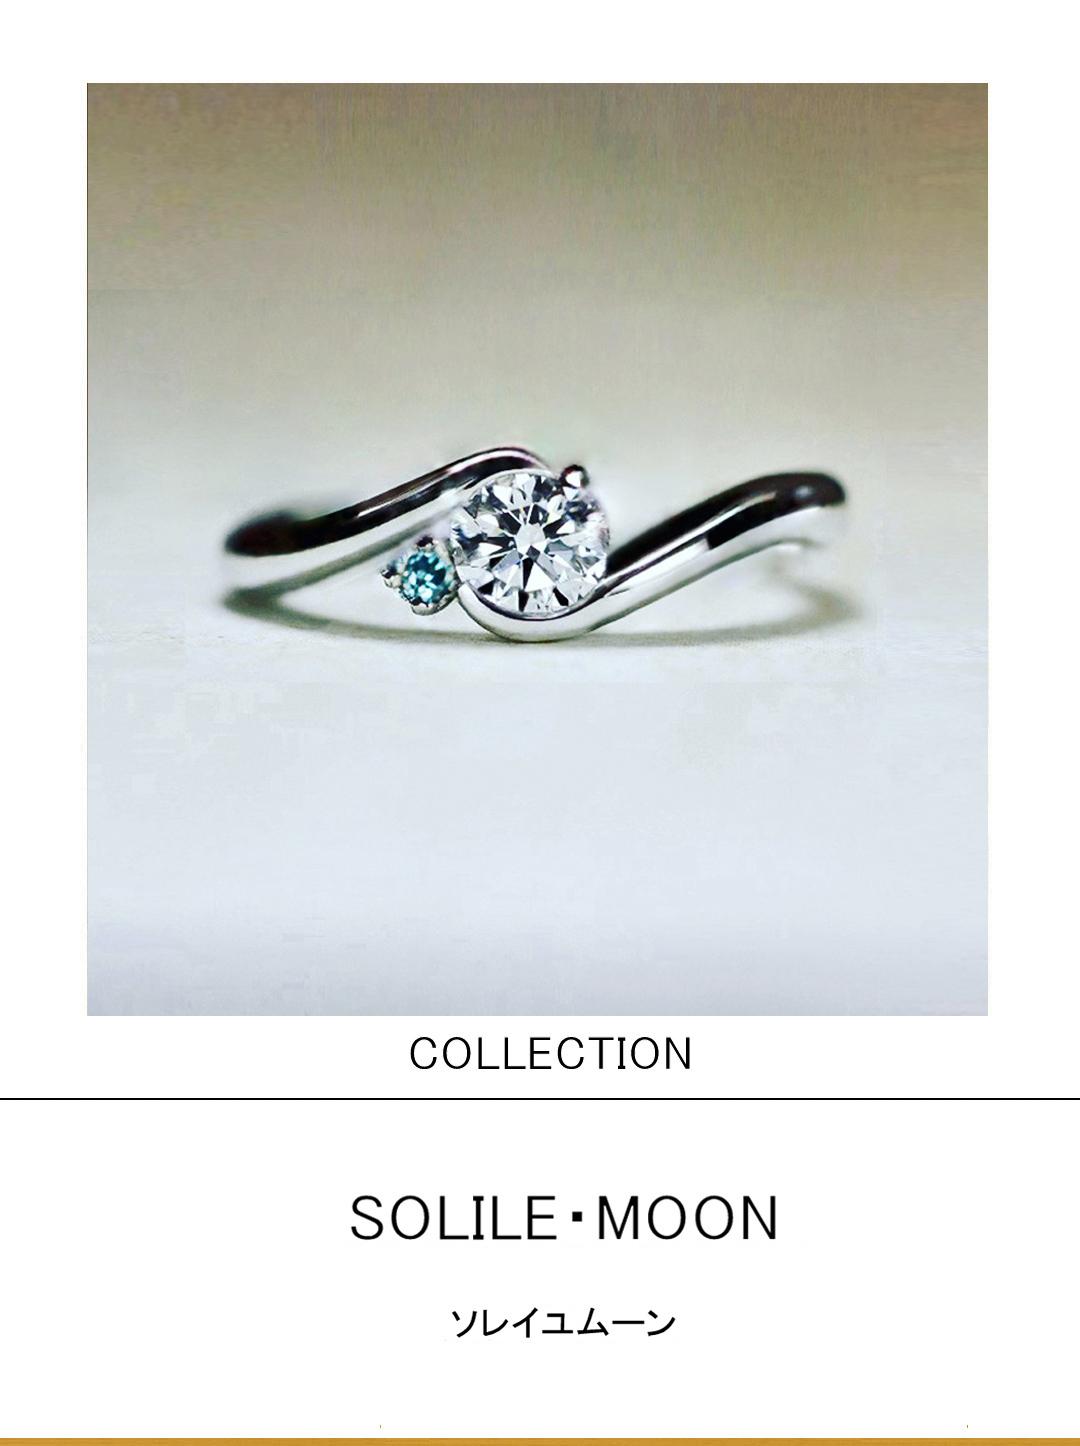 ダイヤモンドとブルーダイヤが一緒に輝く太陽と月モチーフの婚約指輪のサムネイル